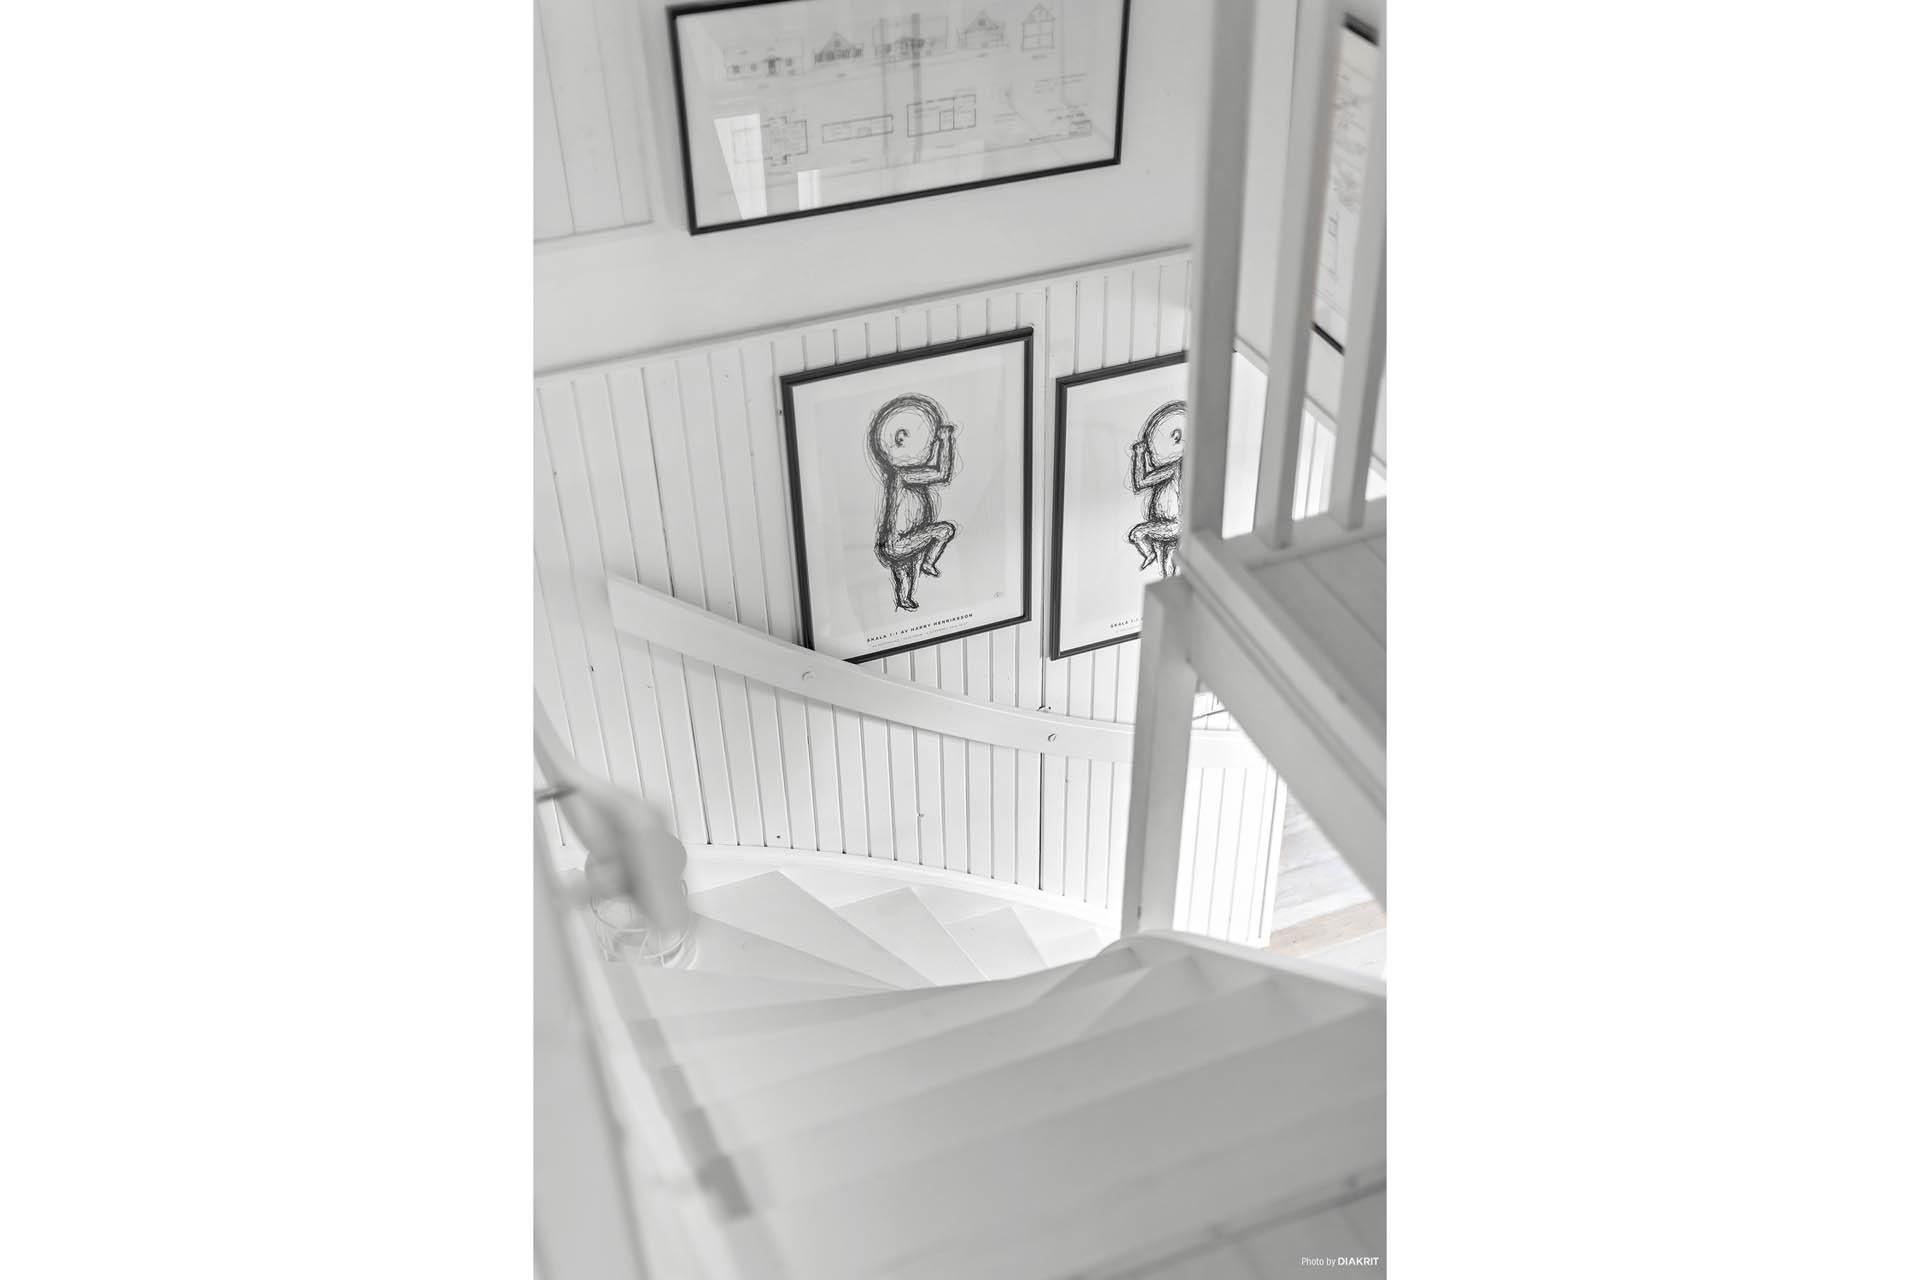 Tillbaka inne och vi tar en trappa upp till ovanvåningen.